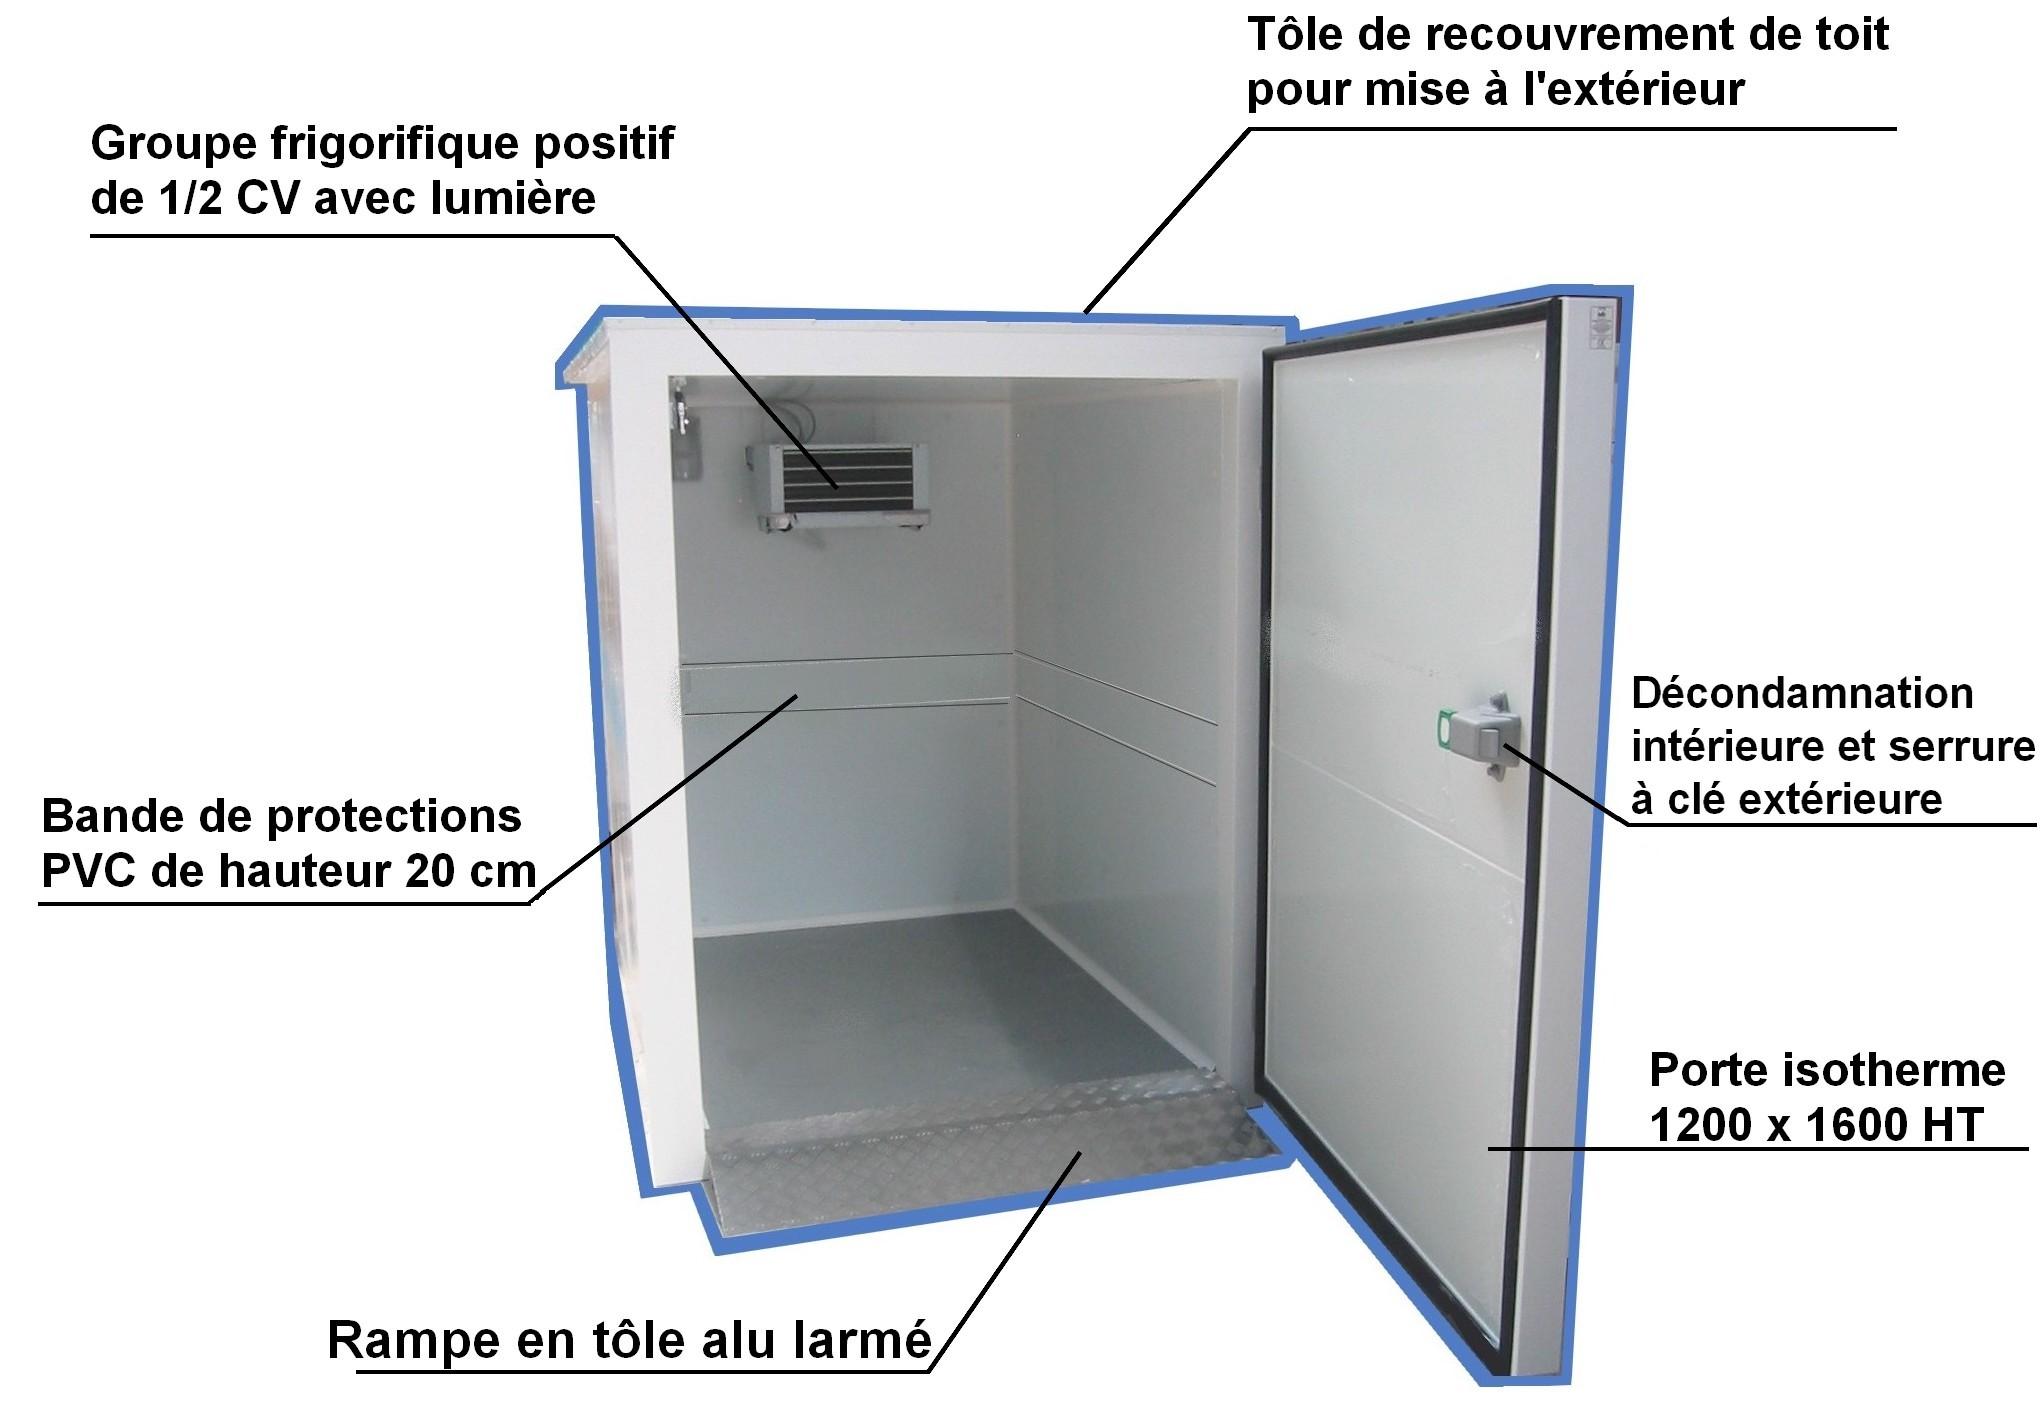 l hygi ne dans un restaurant c est n cessaire d avoir les quipements adapt s. Black Bedroom Furniture Sets. Home Design Ideas